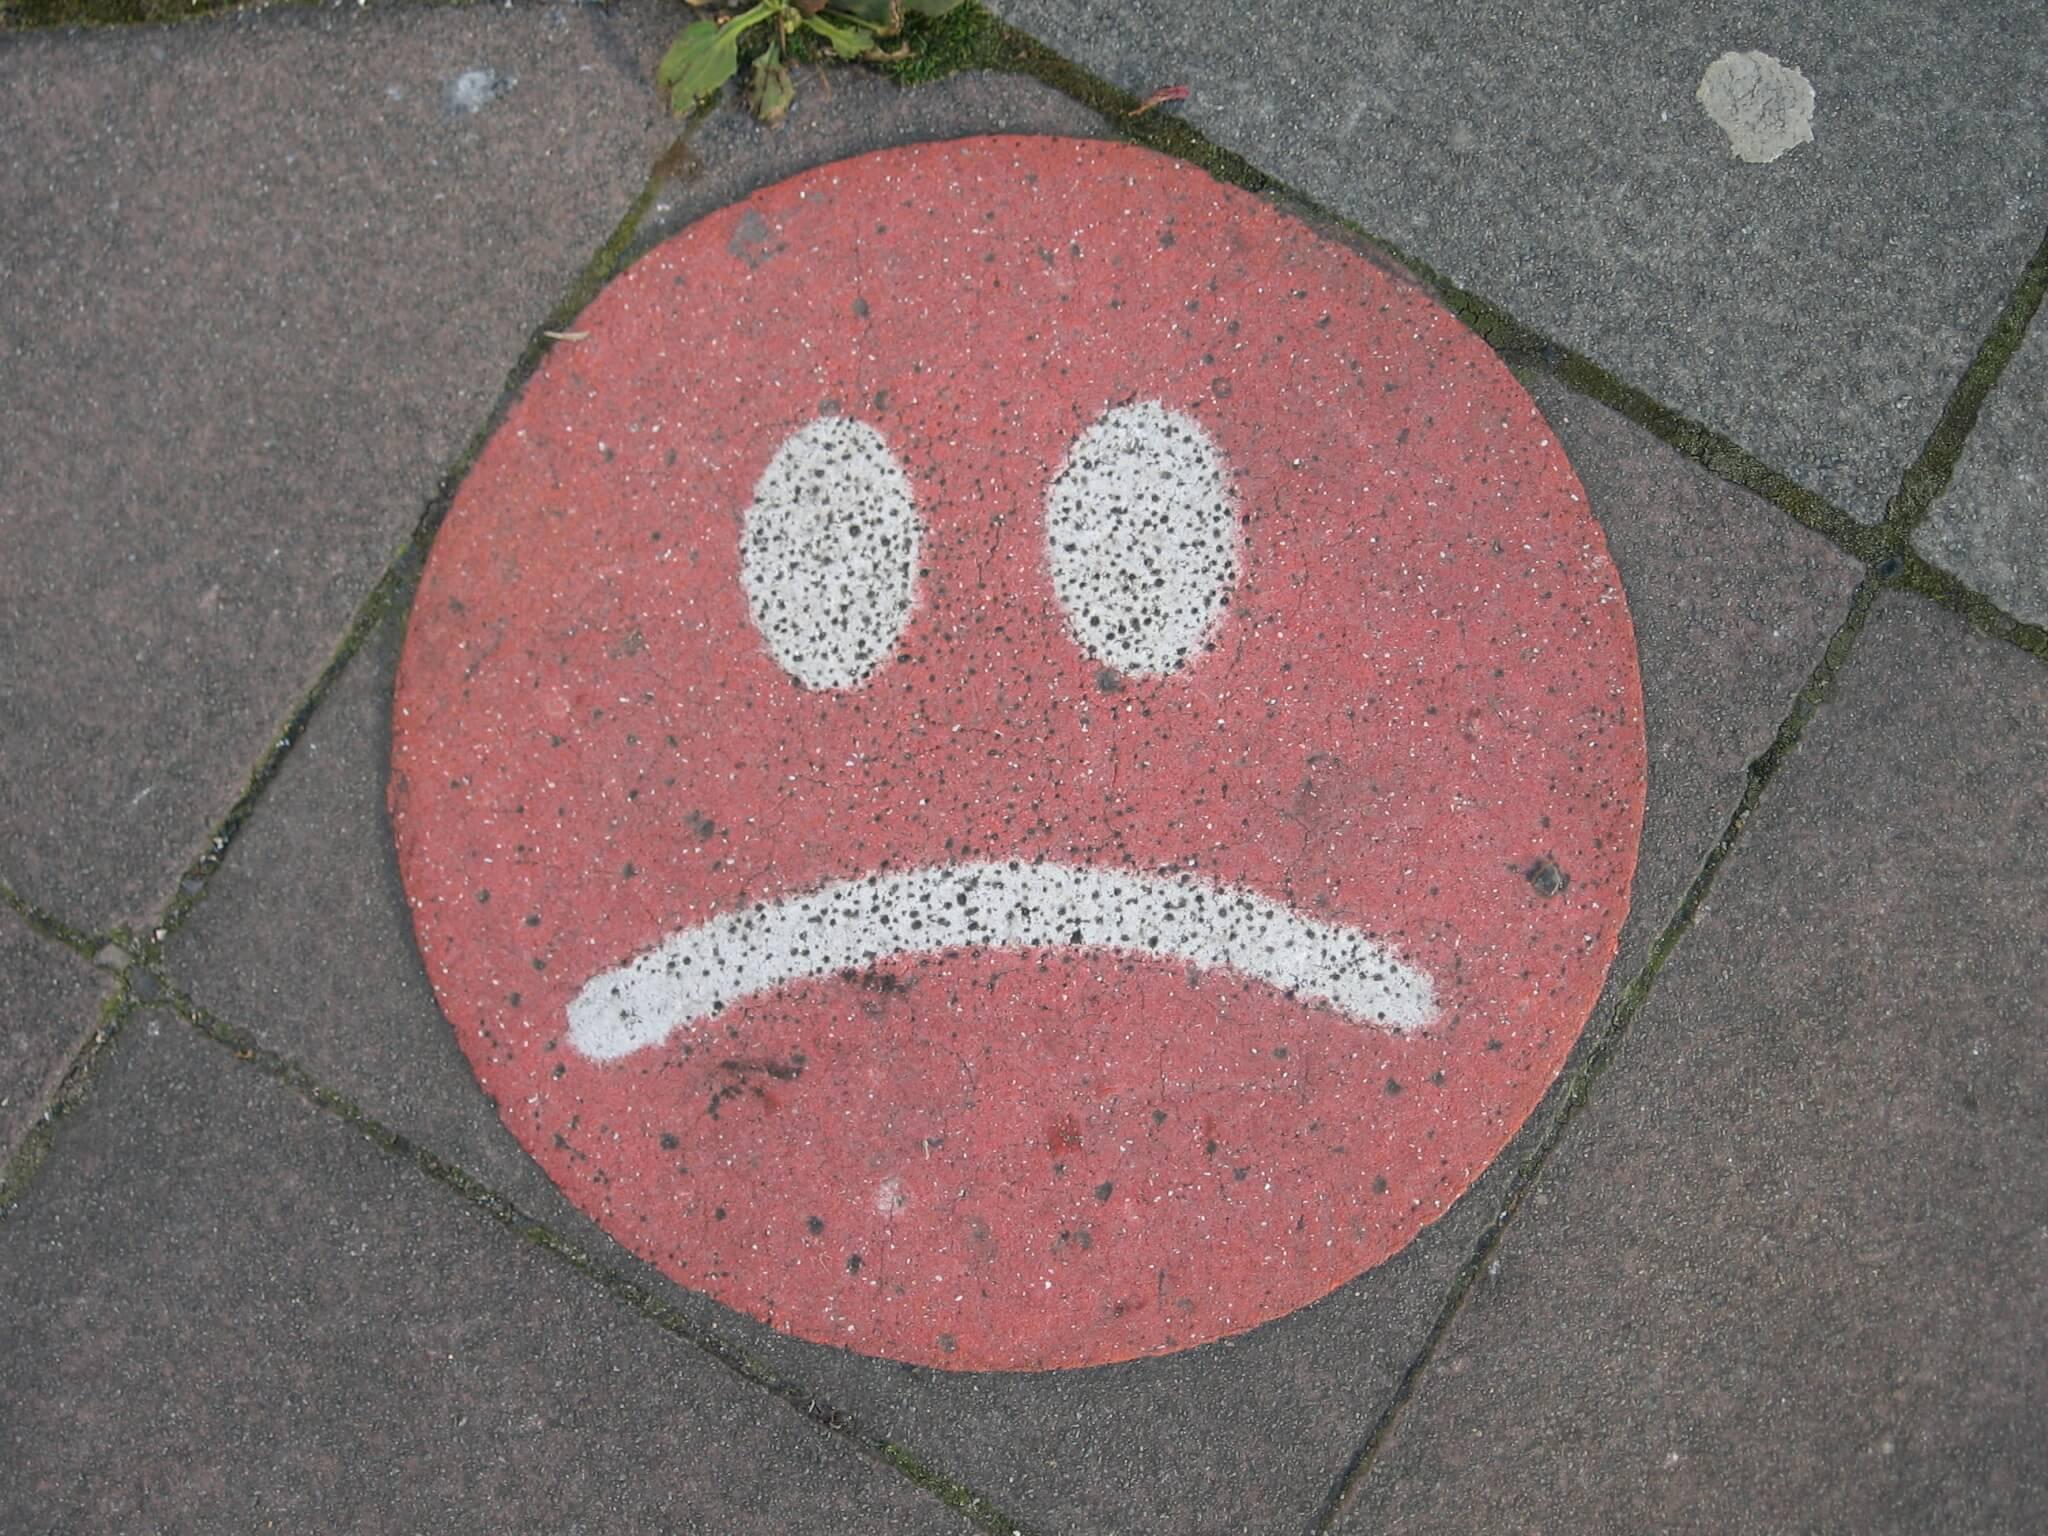 sad face on concrete